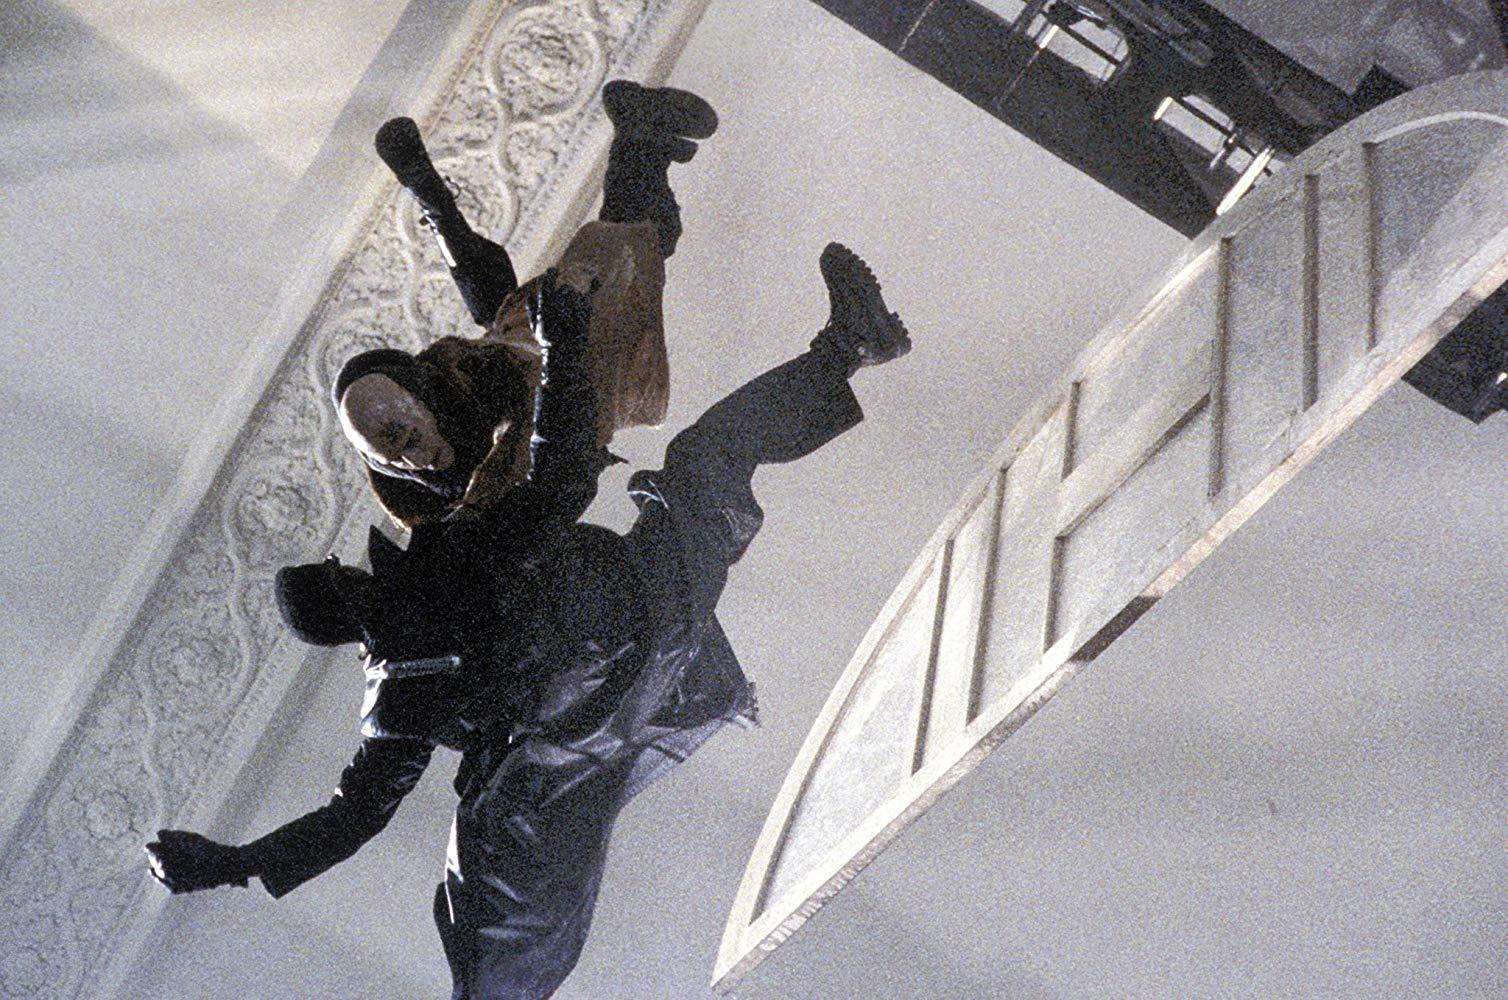 مشاهدة فيلم Blade II 2002 HD مترجم كامل اون لاين